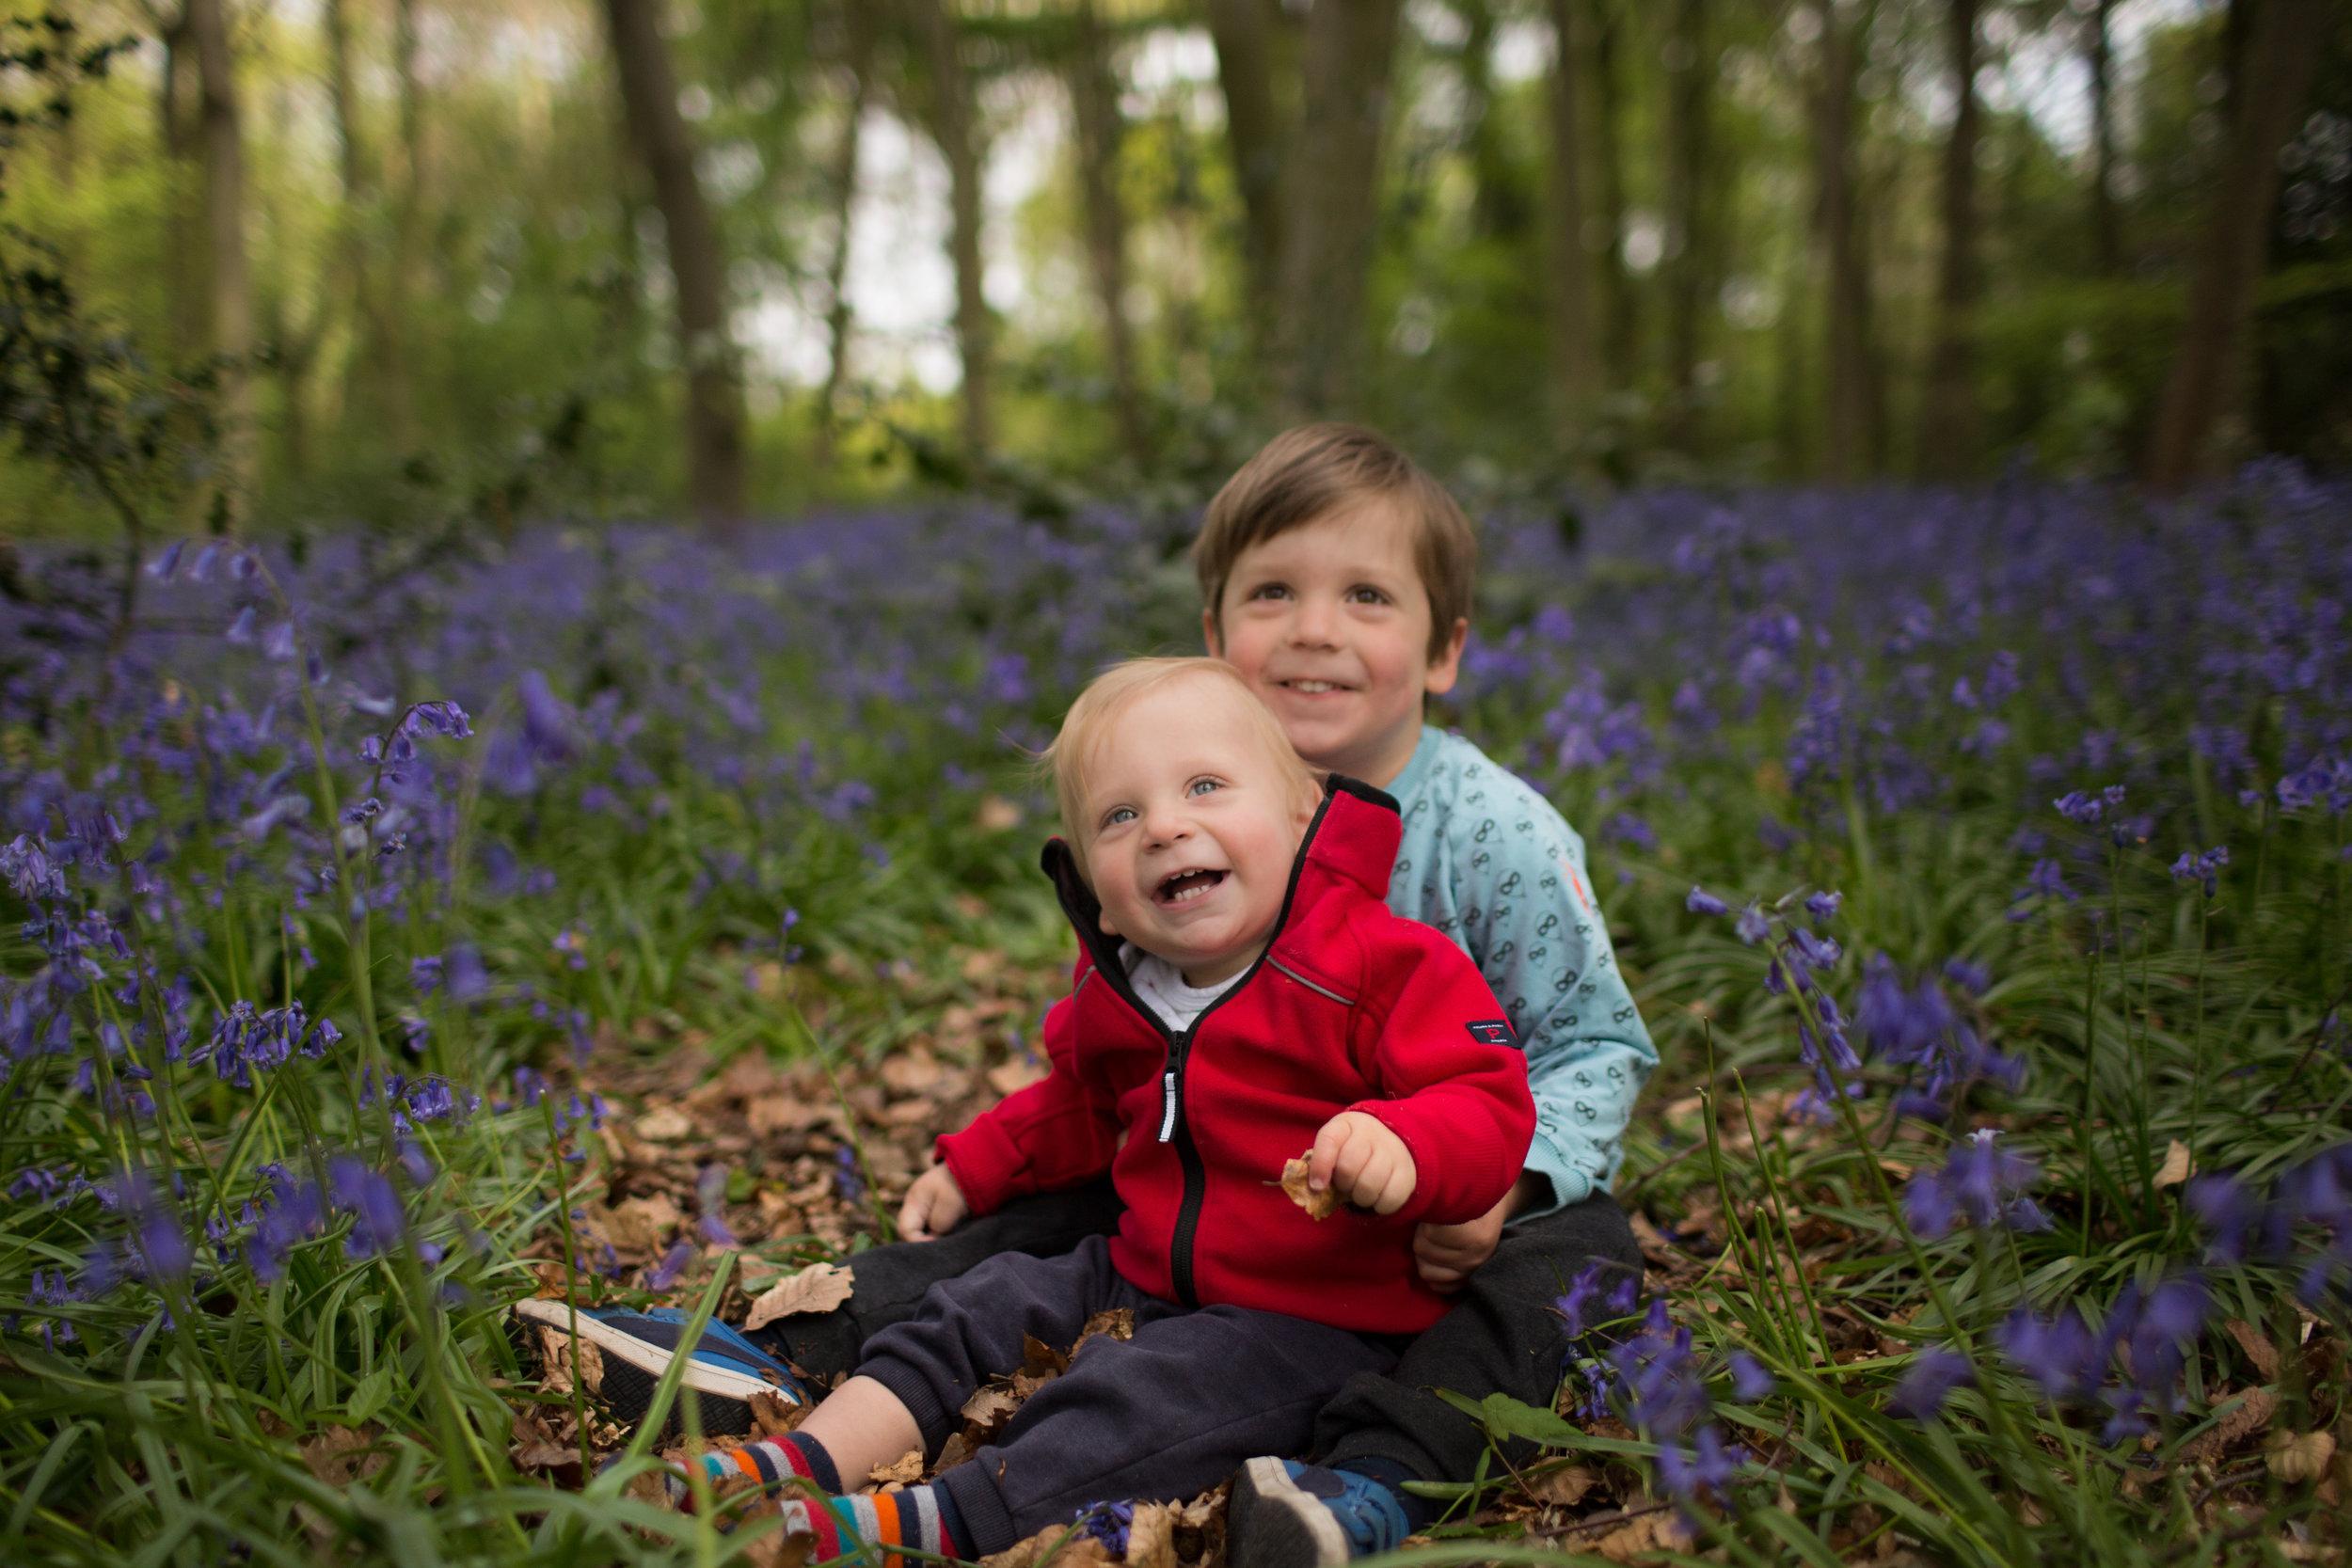 london-family-photographer-bluebells.jpg